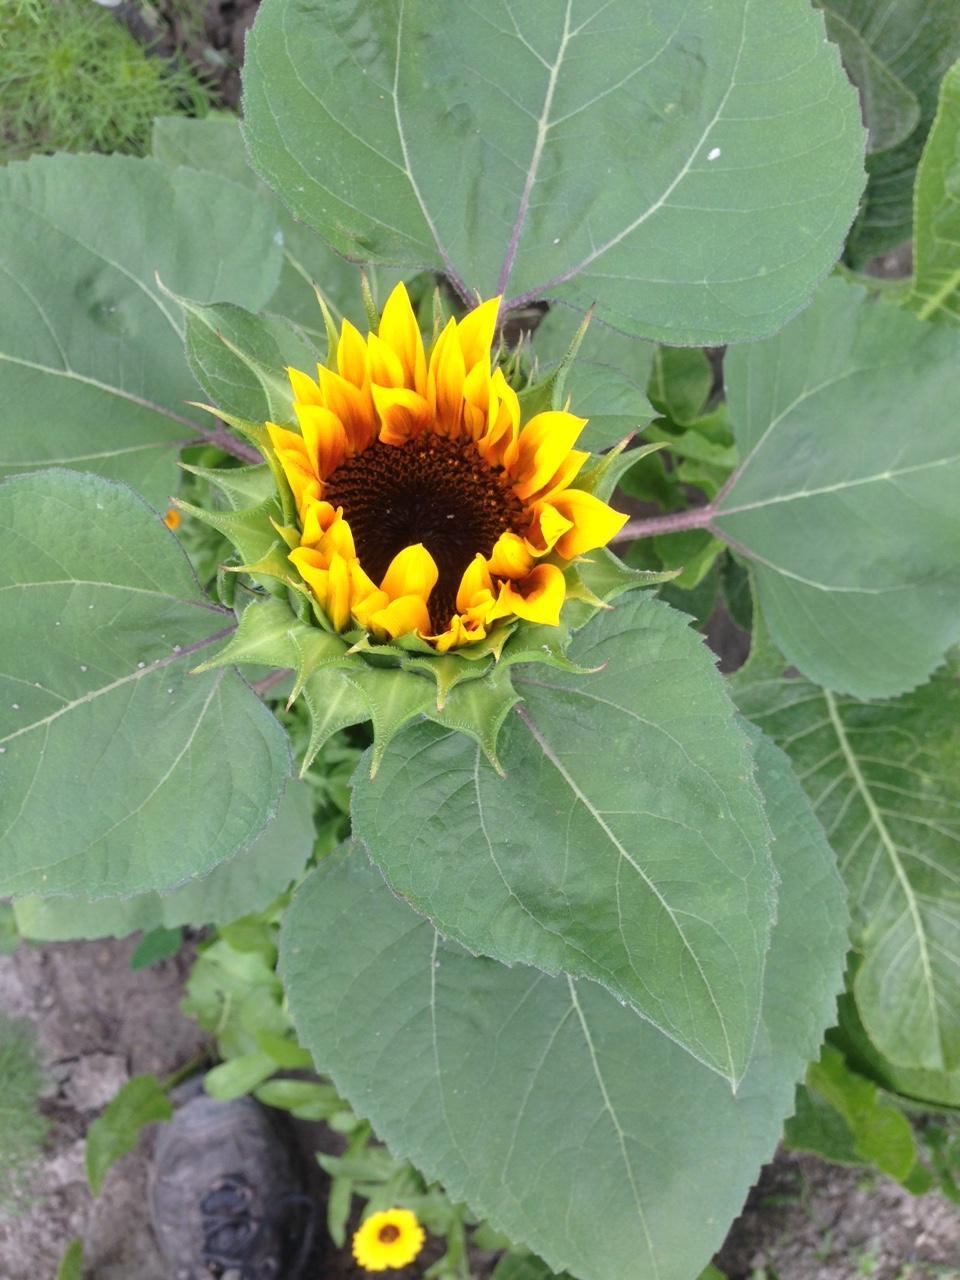 @lubicabystrica krásne máš slnečnice.... - Obrázok č. 1